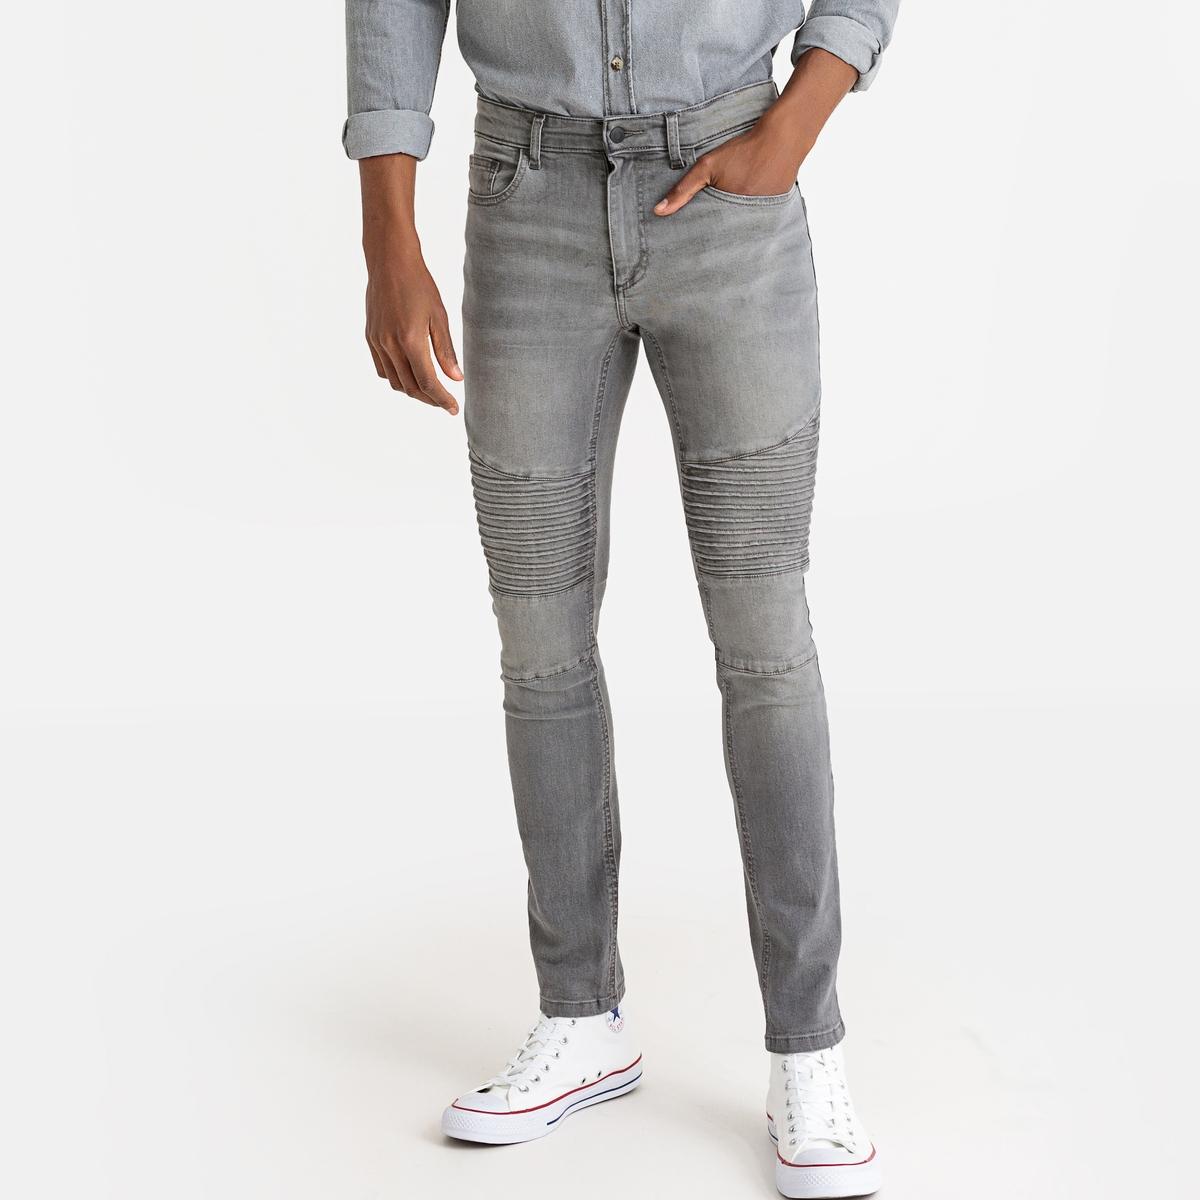 Jeans corte slim, estilo motard